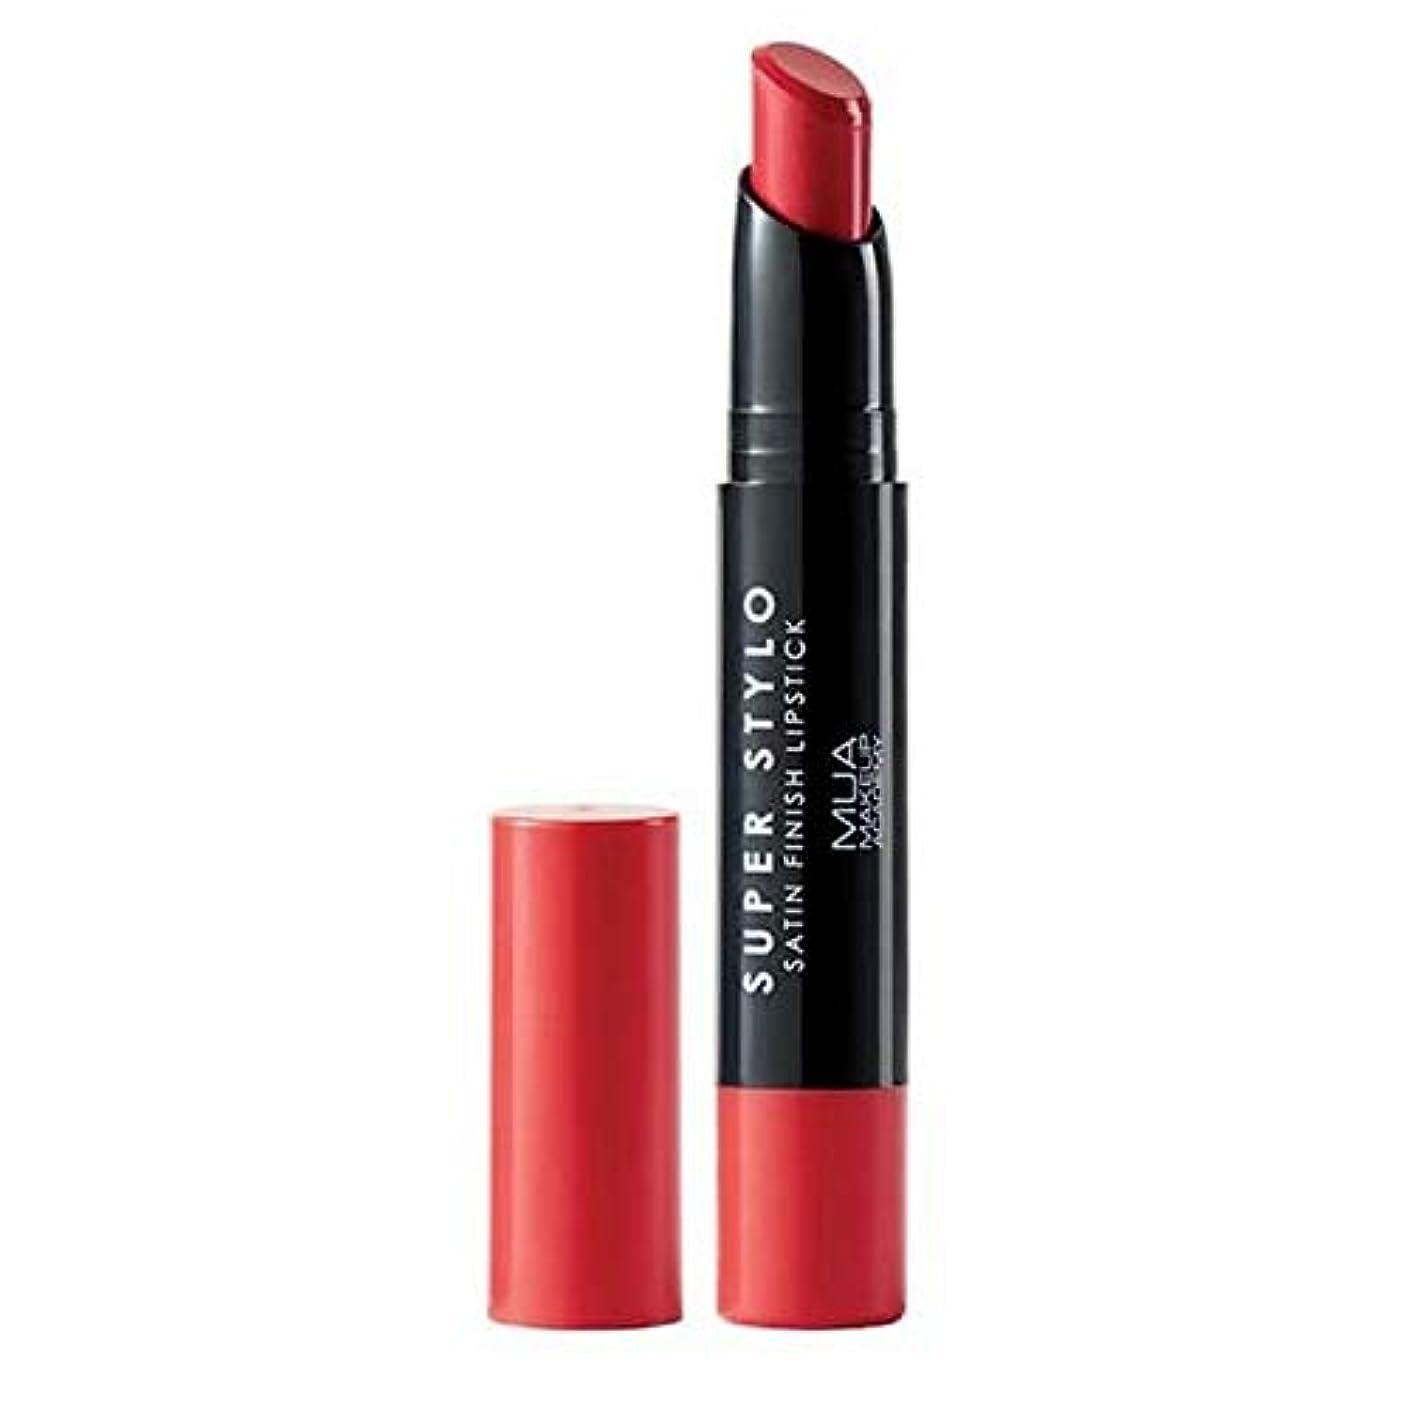 [MUA] MuaスーパーStylo口紅は004 Vip - MUA Super Stylo Lipstick Vip 004 [並行輸入品]